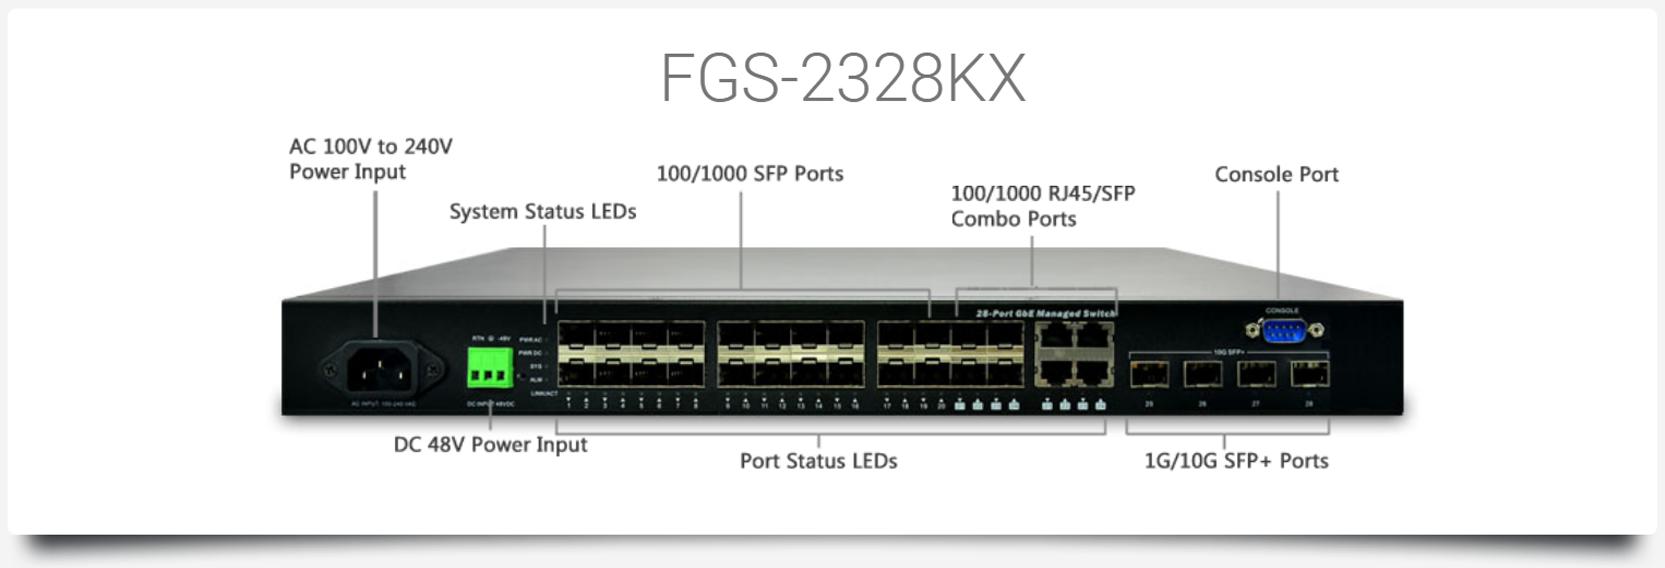 FGS-2328KX